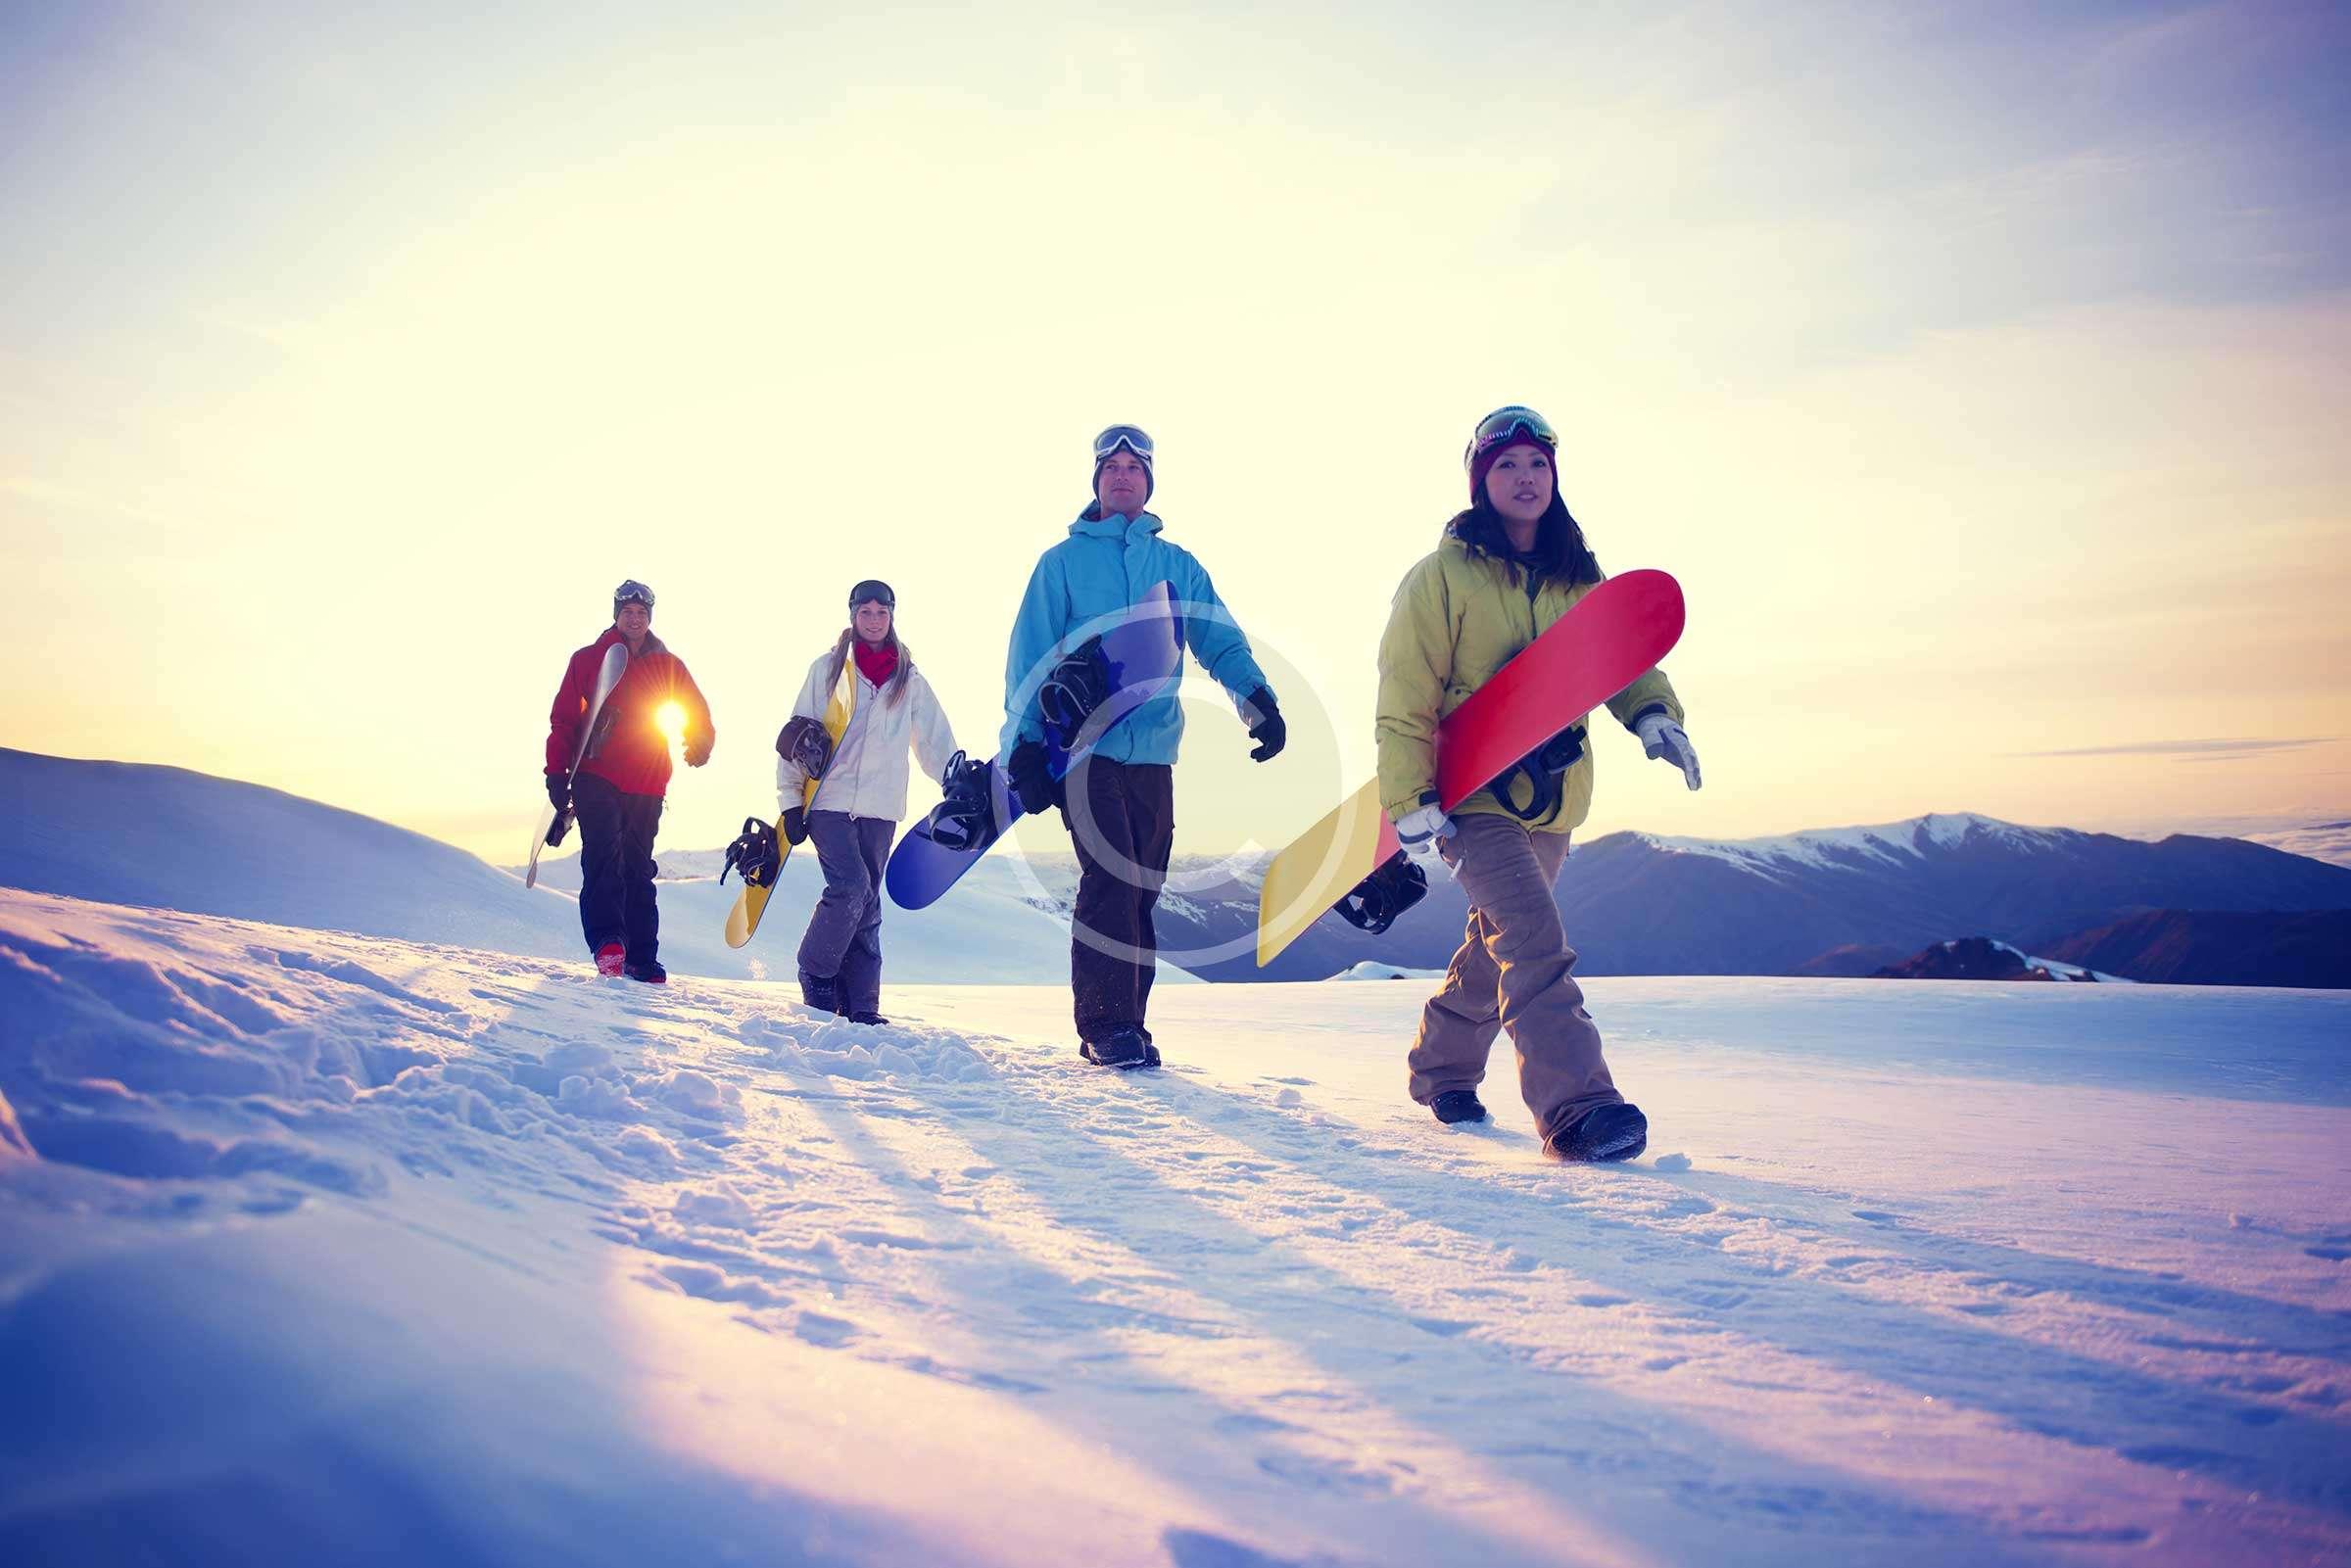 cours-de-ski-journee-val-d-isere